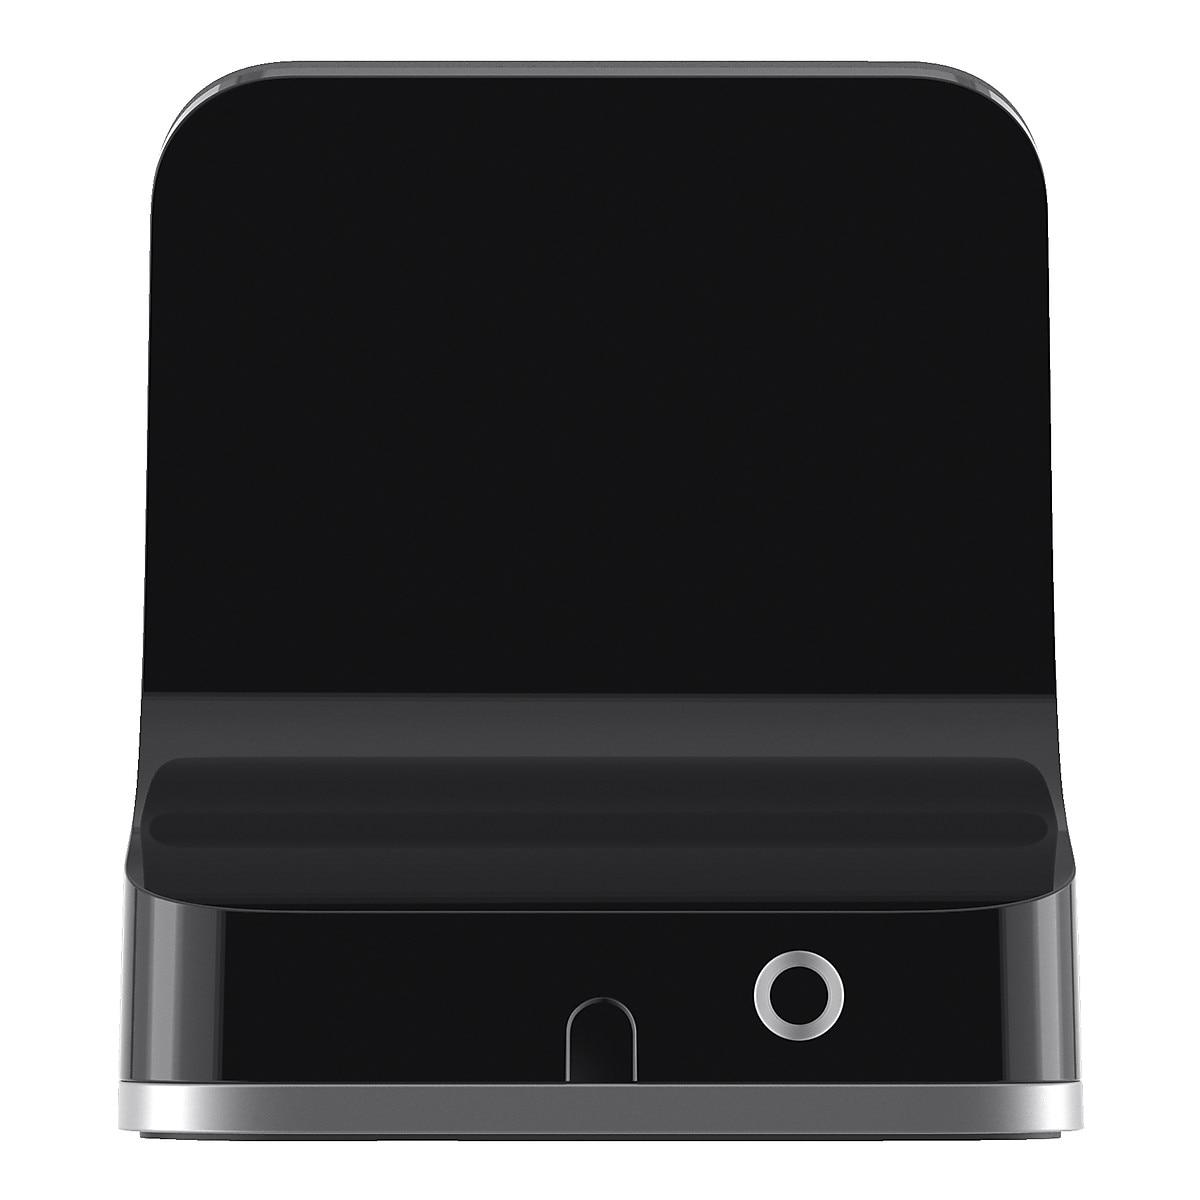 Bordsställ för iPhone 5/5S, Belkin